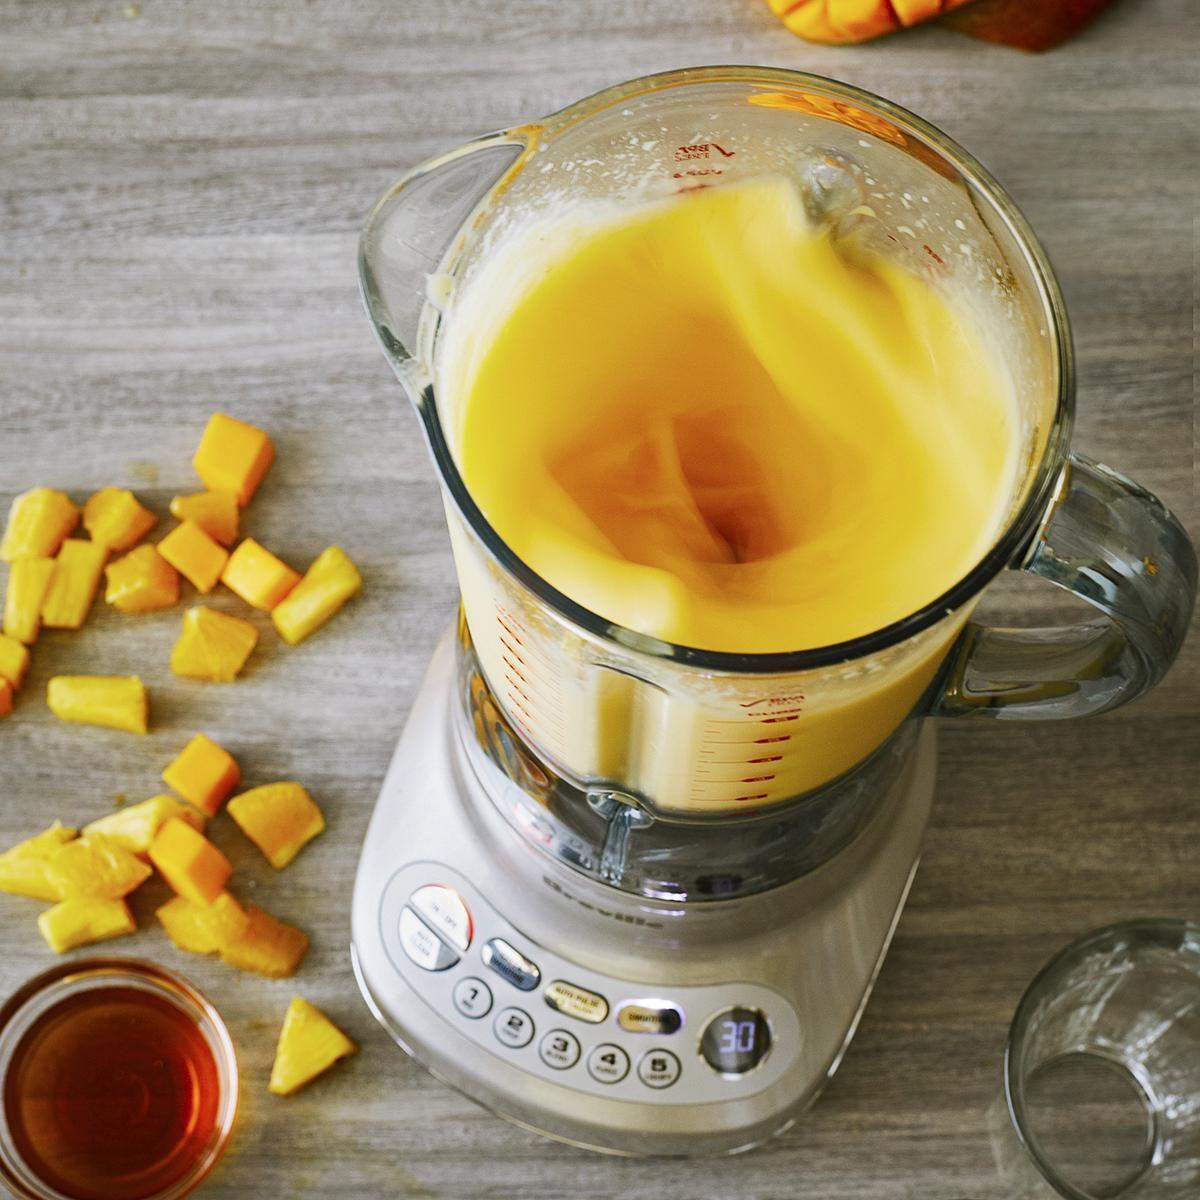 Breville The Boss High Velocity Blender Lassi Recipes Mango Lassi Recipes Food